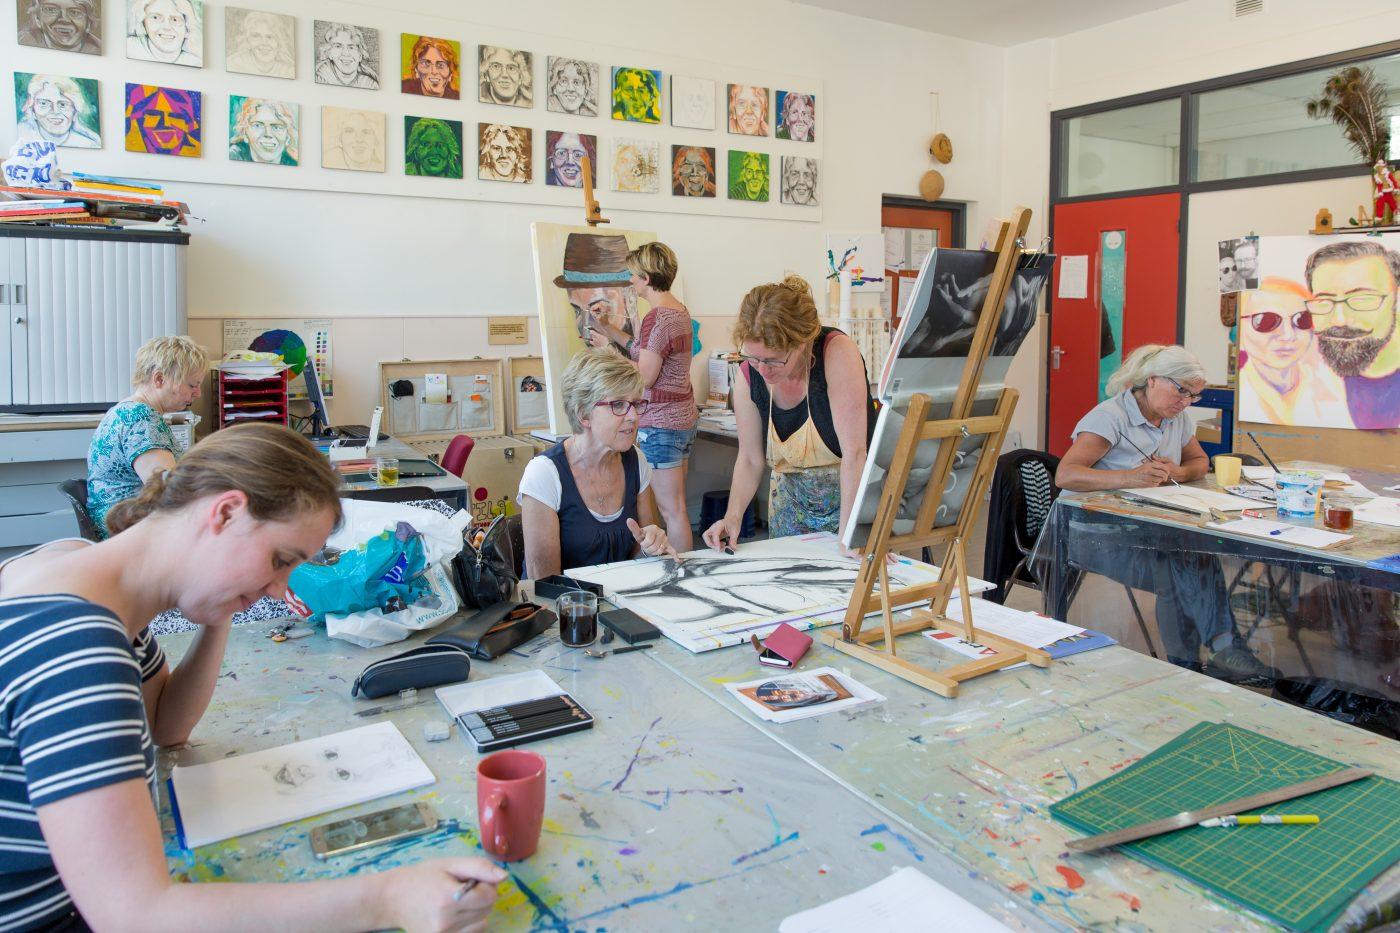 Impressie tekenles en schilderles bij Studio Xplo